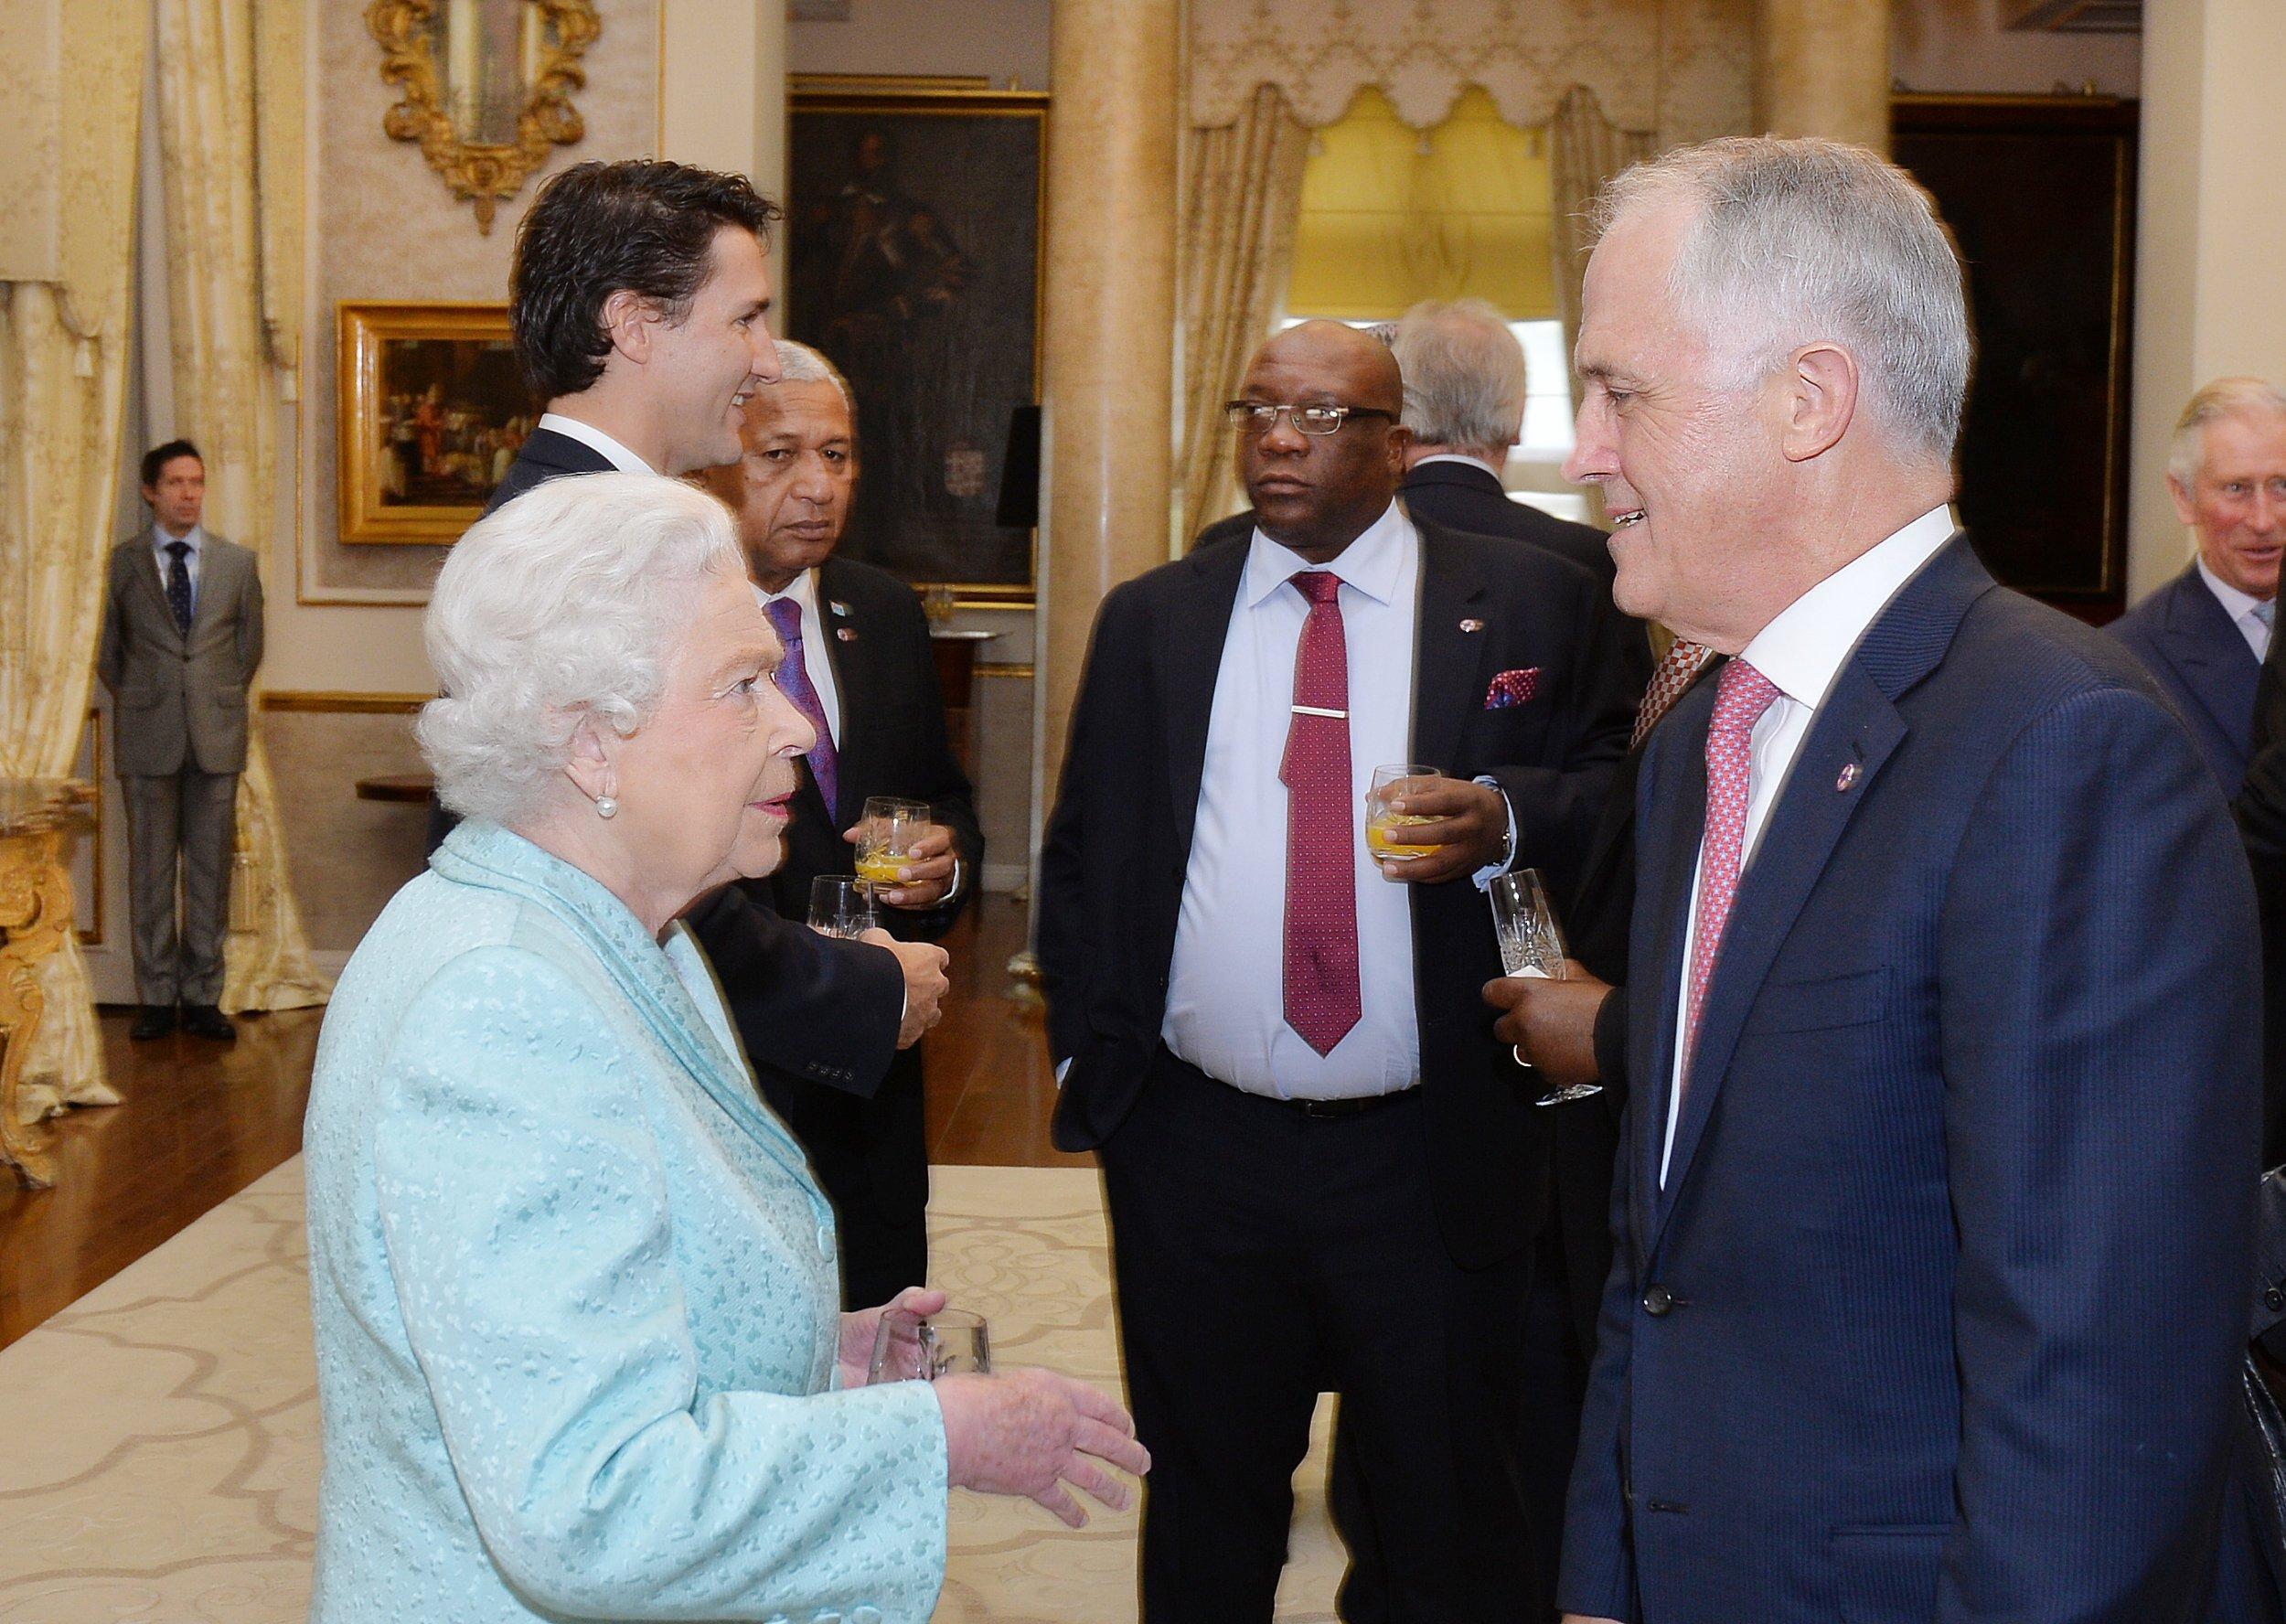 0125_Queen_Elizabeth_Malcolm_Turnbull